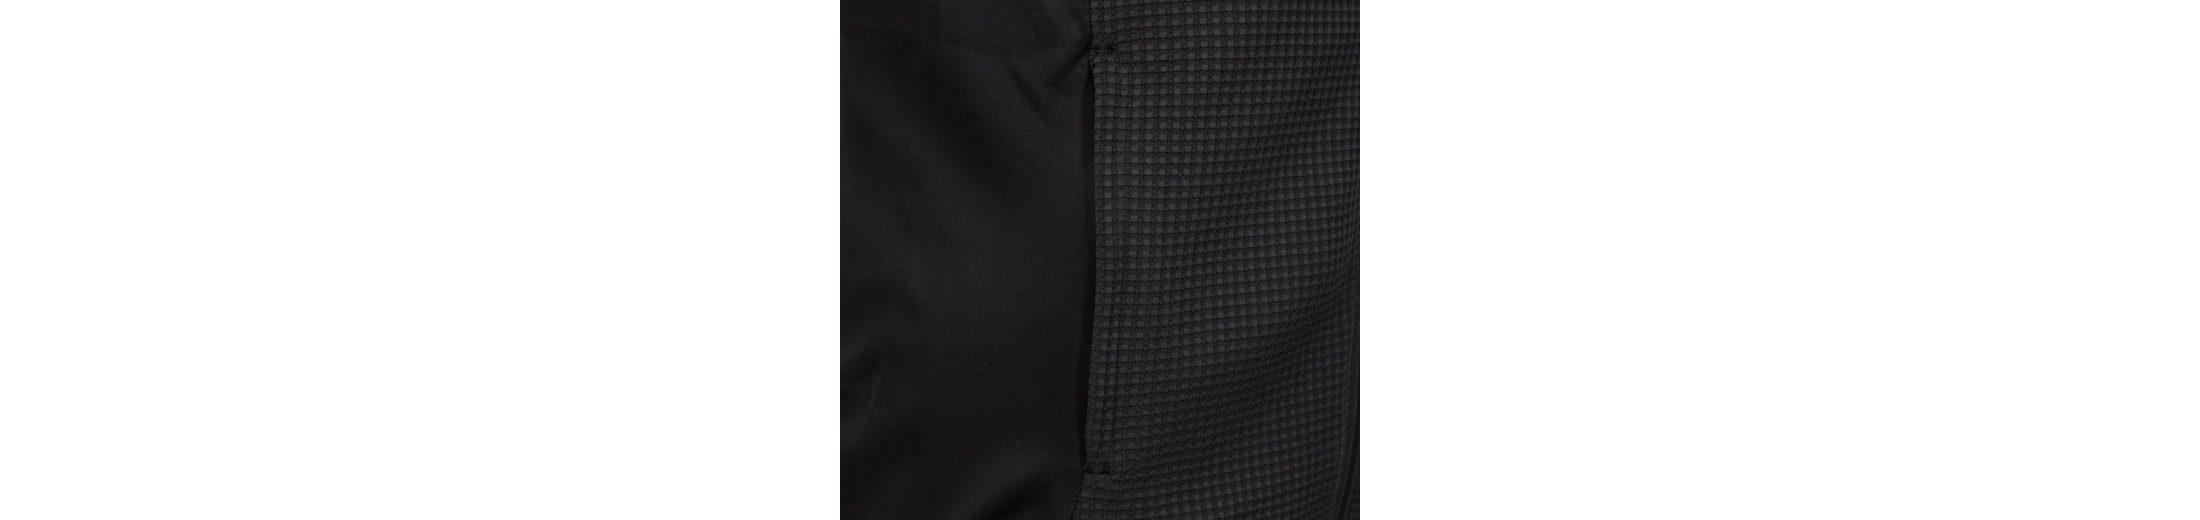 adidas Performance Laufjacke Ultra Auslass Empfehlen Genießen Spielraum Großer Rabatt Heißen Verkauf Günstig Online Günstig Kaufen Neuesten Kollektionen Vud2t8VGV